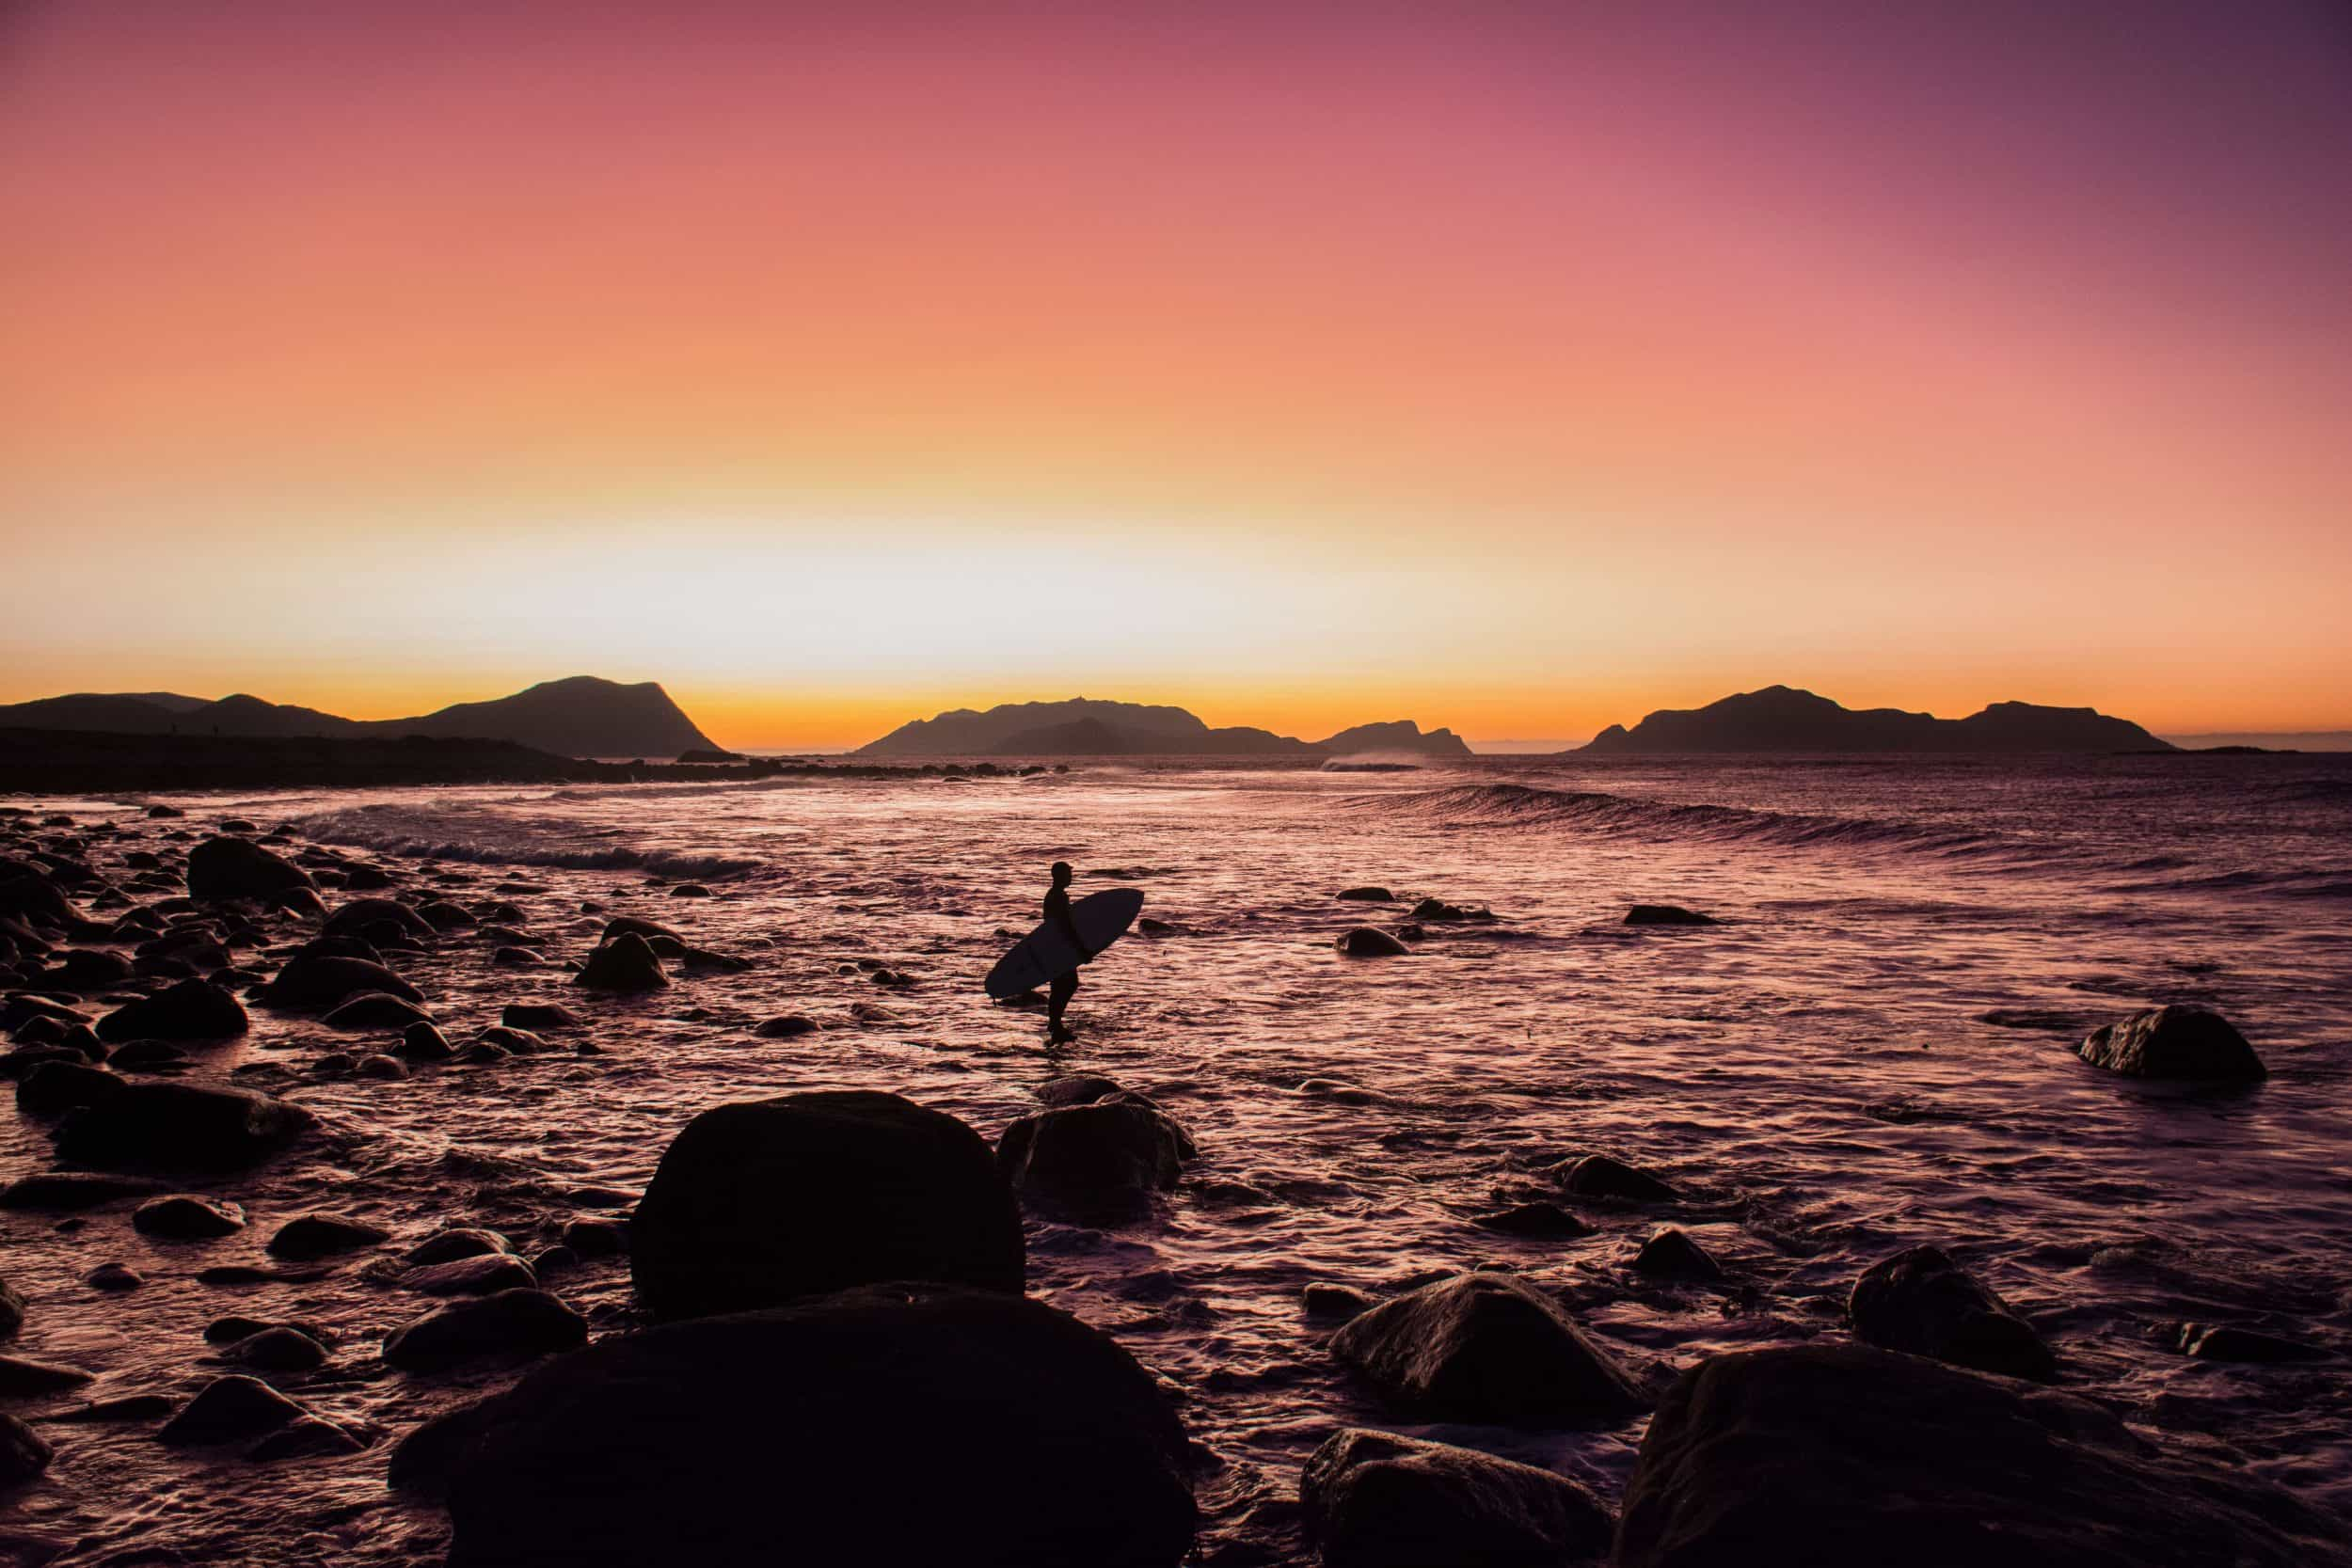 Frida Halvorsen - Eirin Myklebust på vei uti for å prøve seg på et par bølger til før det blir helt mørkt. Flø, utenfor Ulsteinvik, for 1,5 uker siden.